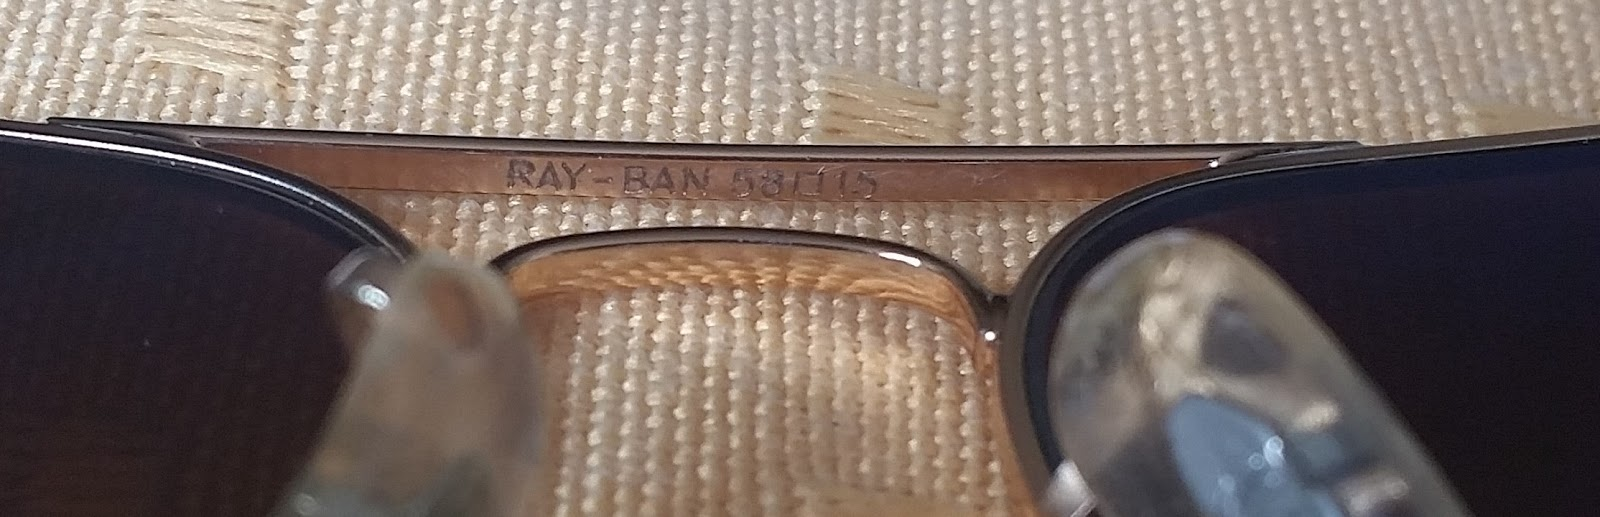 91fb971e9c02 Si en algun lugar del estuche, lente o paño de limpieza, dice Bausch & Lomb  o B&L, estamos frente a una replica, salvo que el lente sea de antes de  1999.